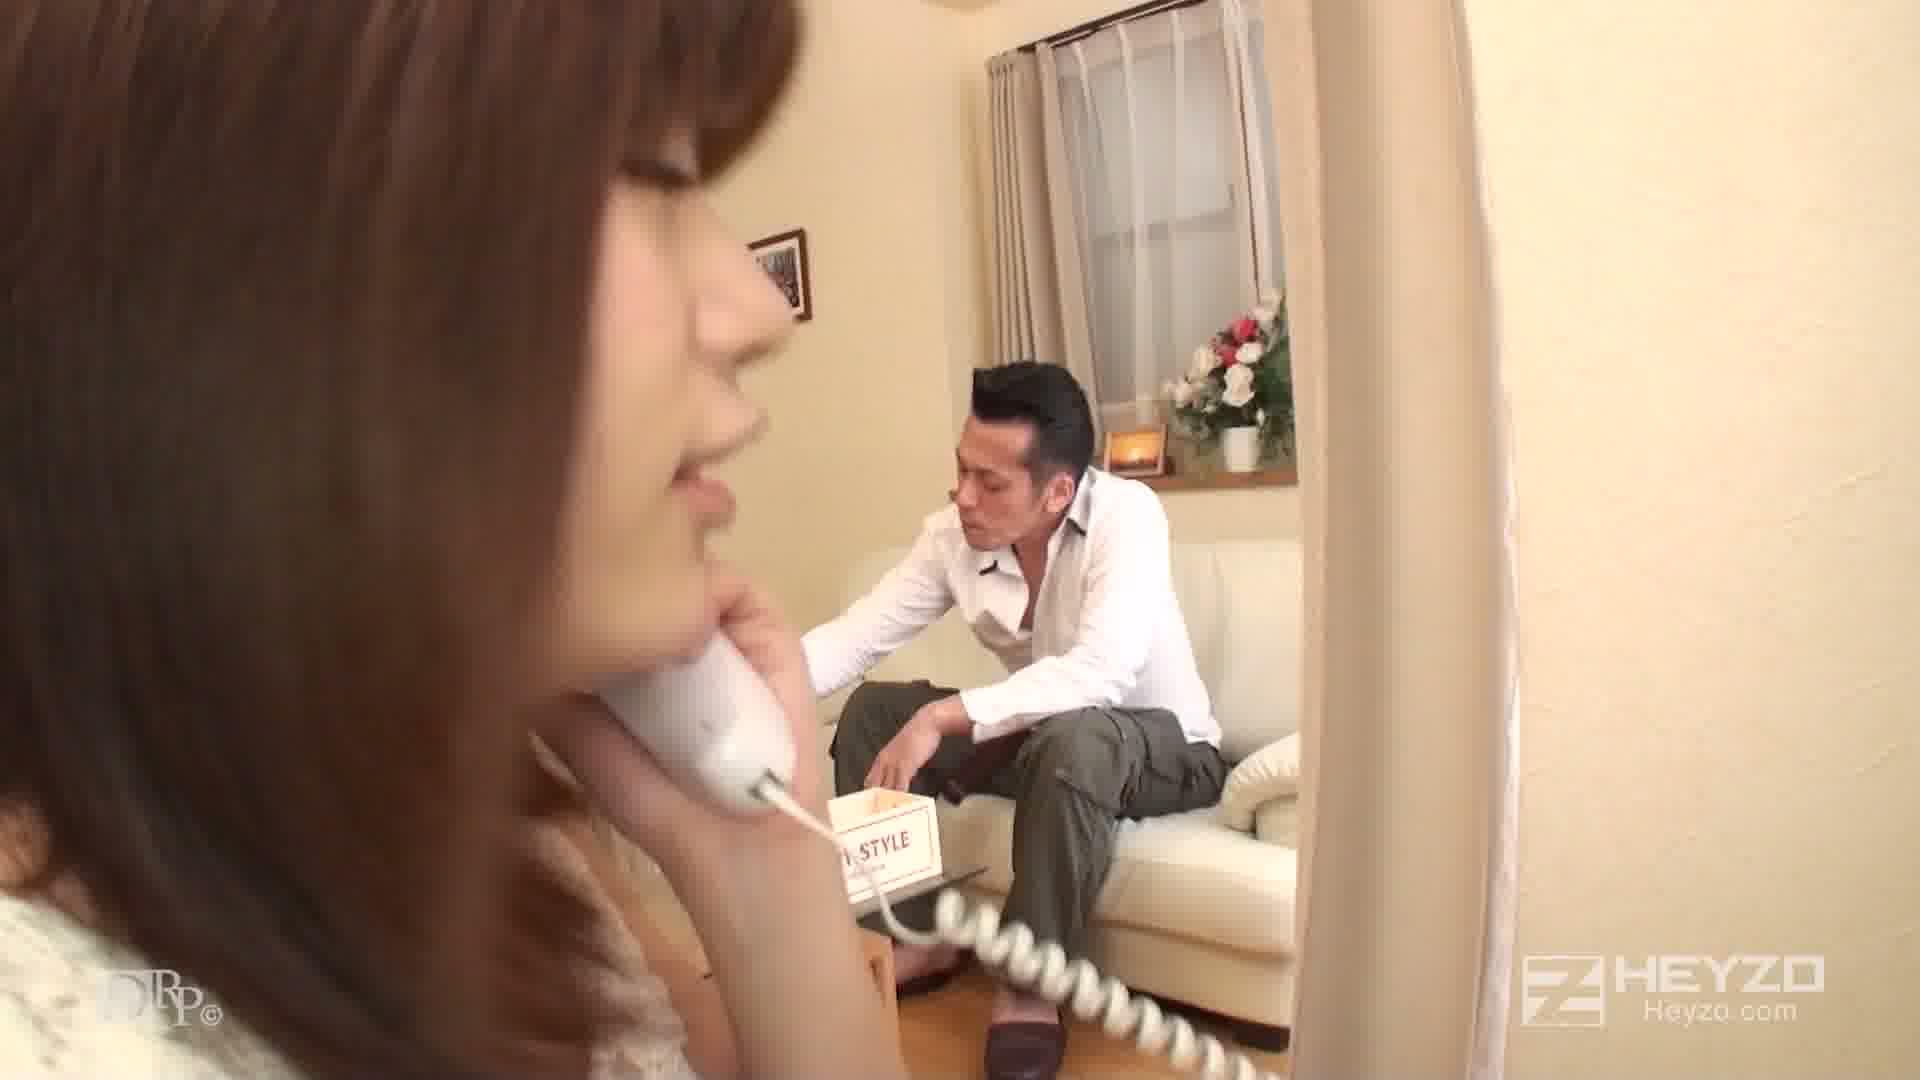 えっちなおじさんに発情したうぶっ娘~禁断の関係は極上のエロスパイス~ - 美里麻衣【部屋オナニー】